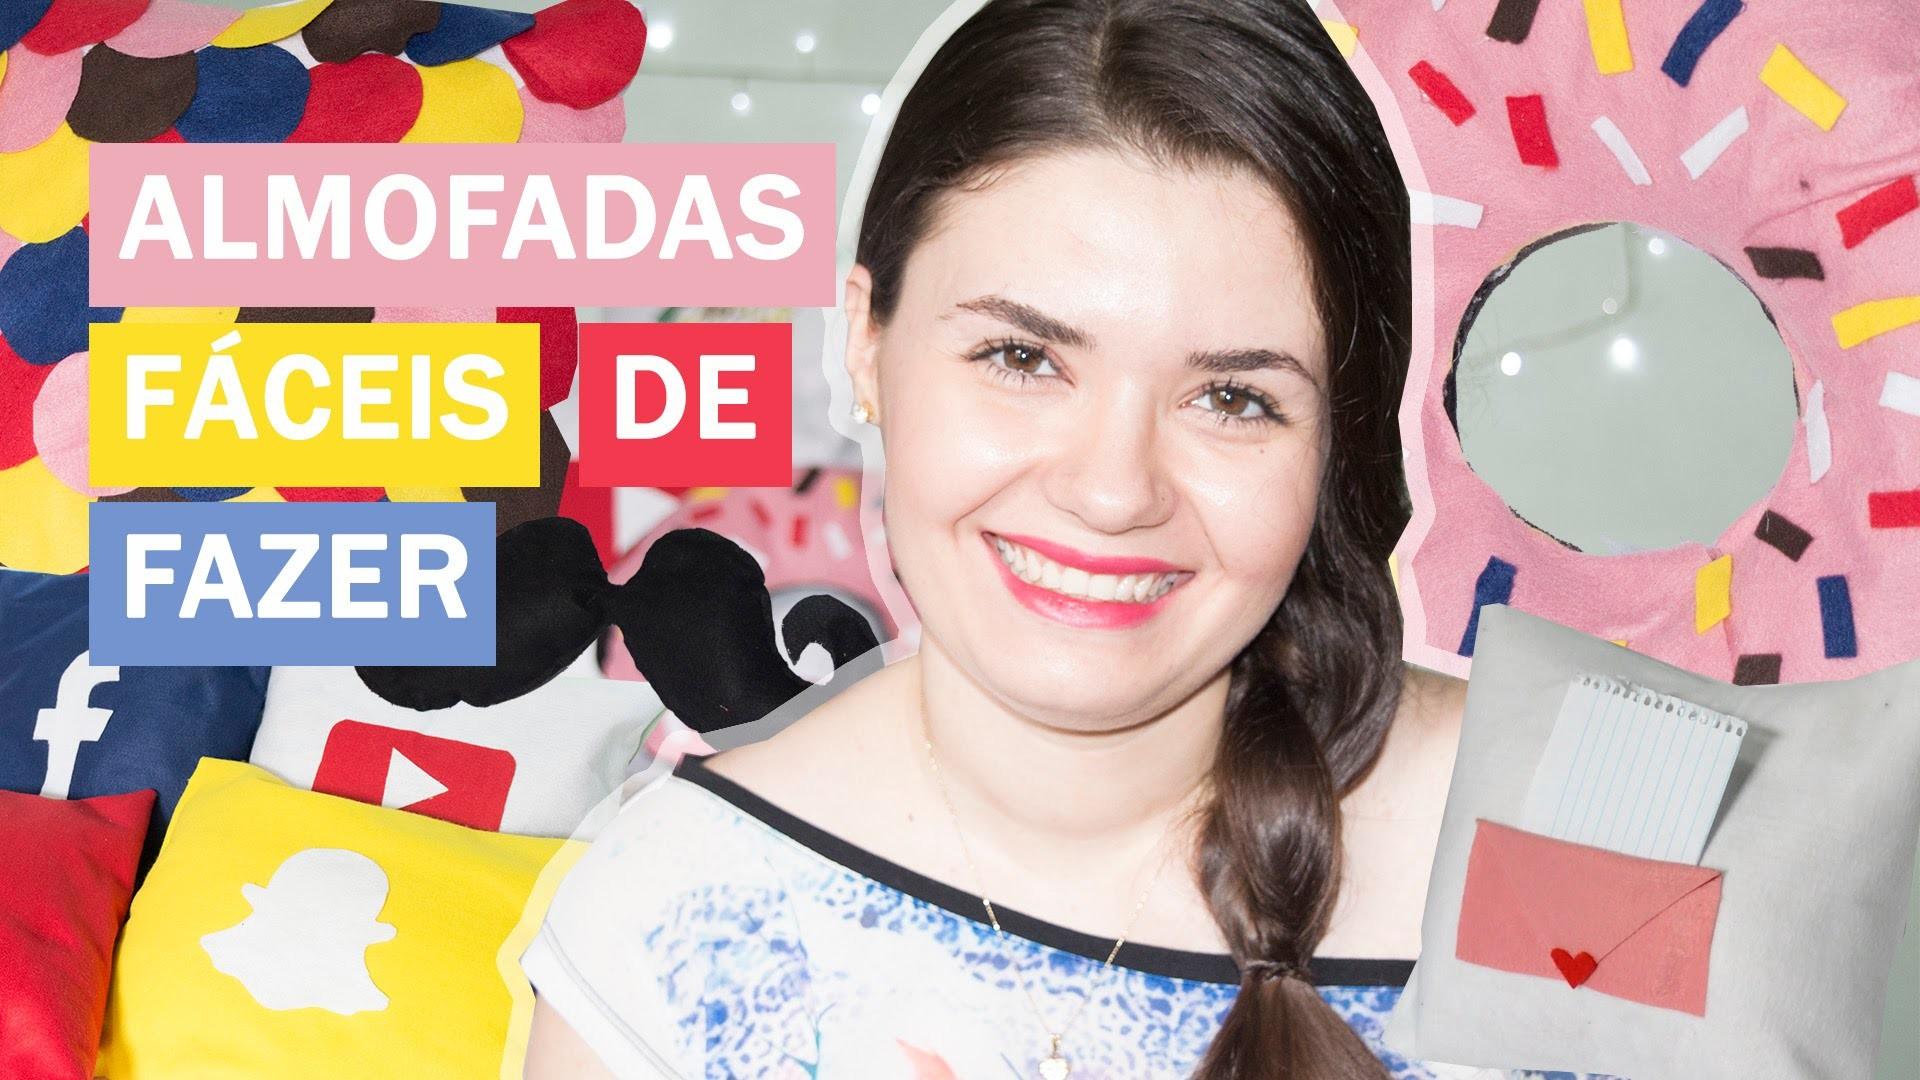 DIY - ALMOFADAS CRIATIVAS E FÁCEIS DE FAZER